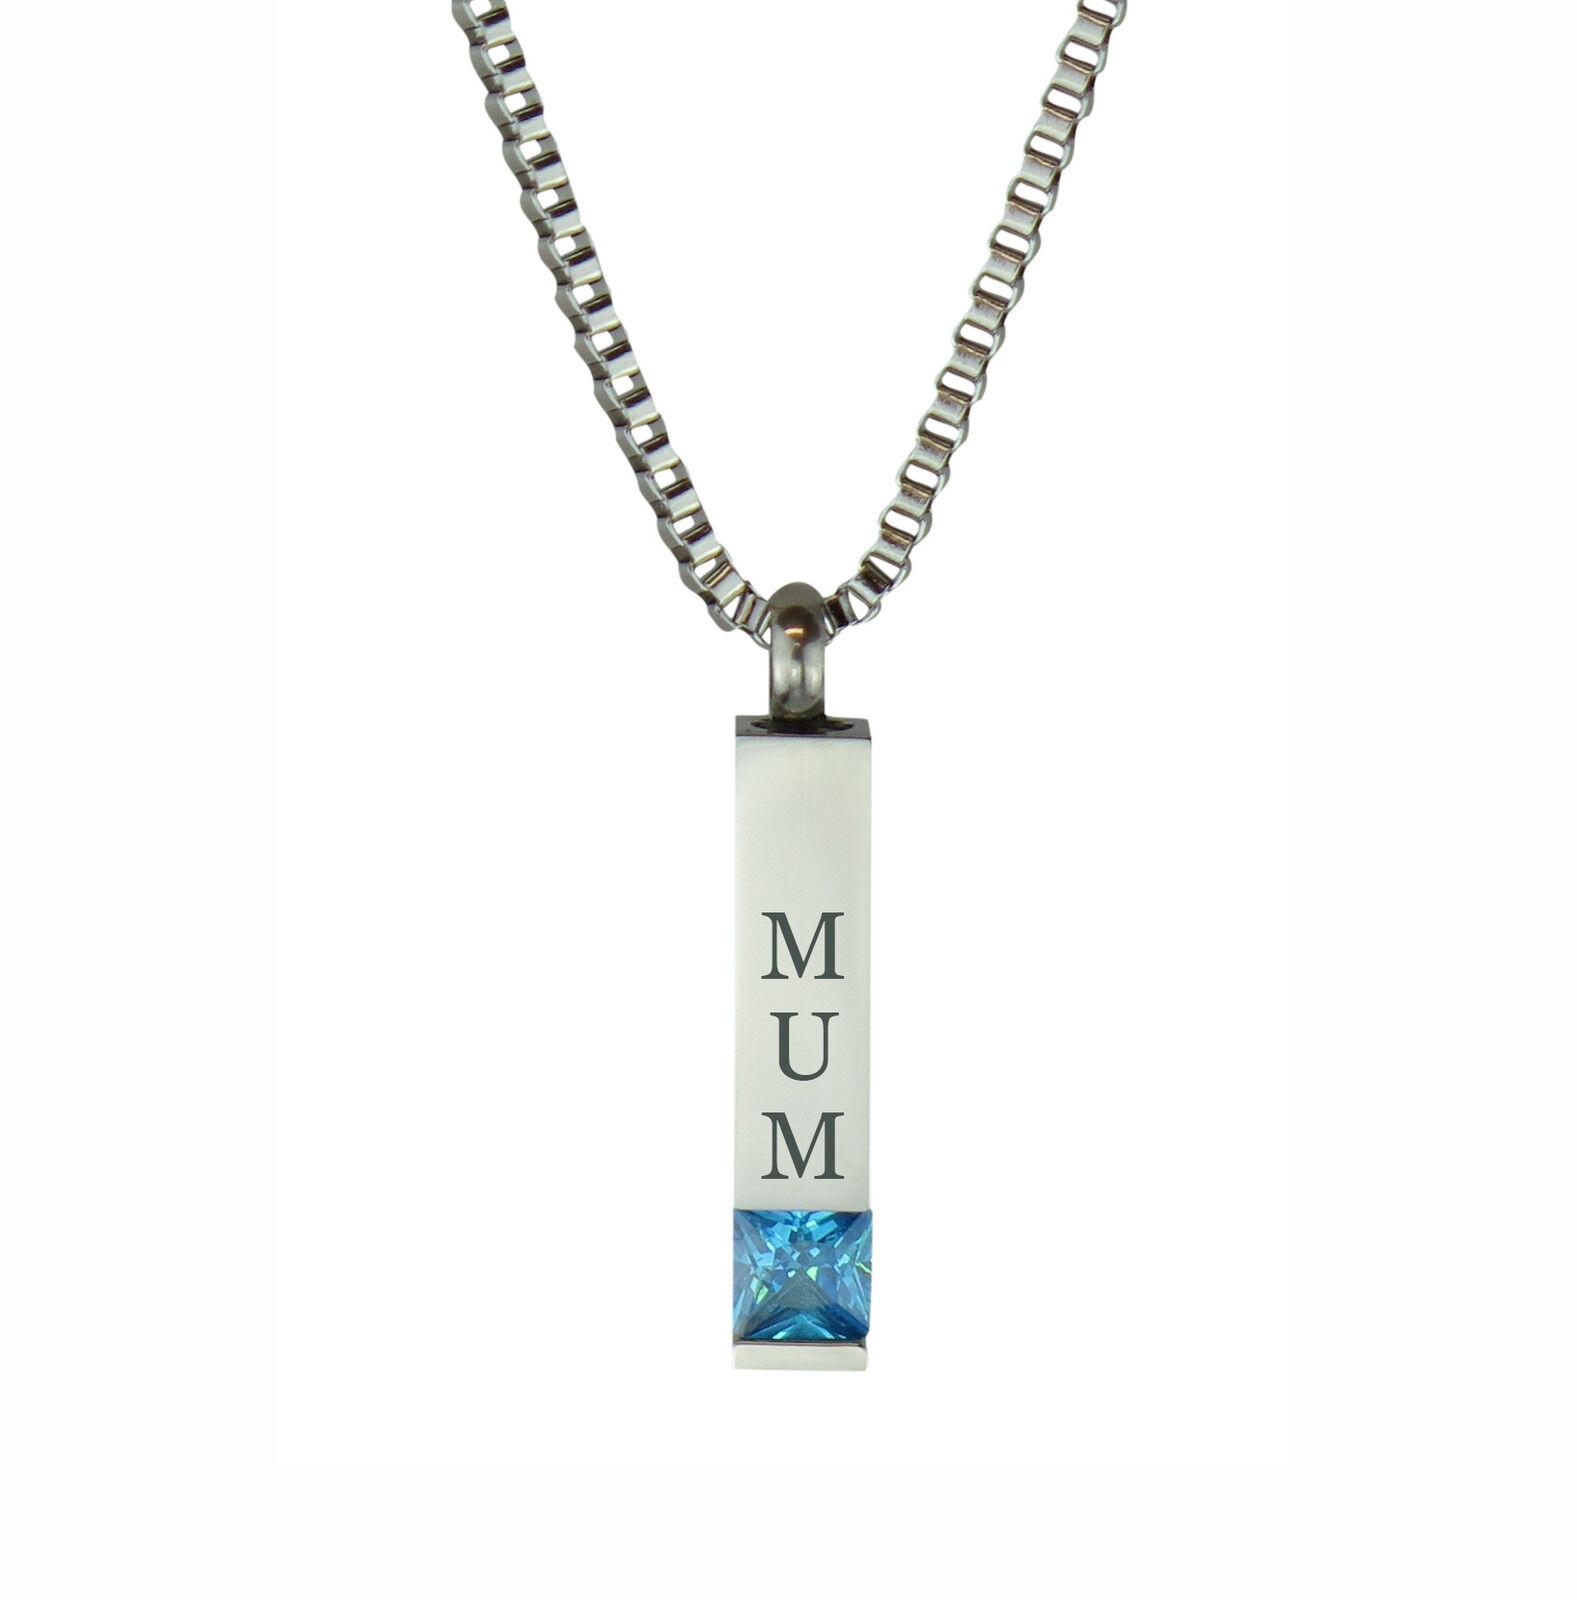 Colgante Colgante Colgante De Cristal Azul Mamá Quantum Joyería para ceniza Urna Ceniza Memorial-Grabado 7a9782